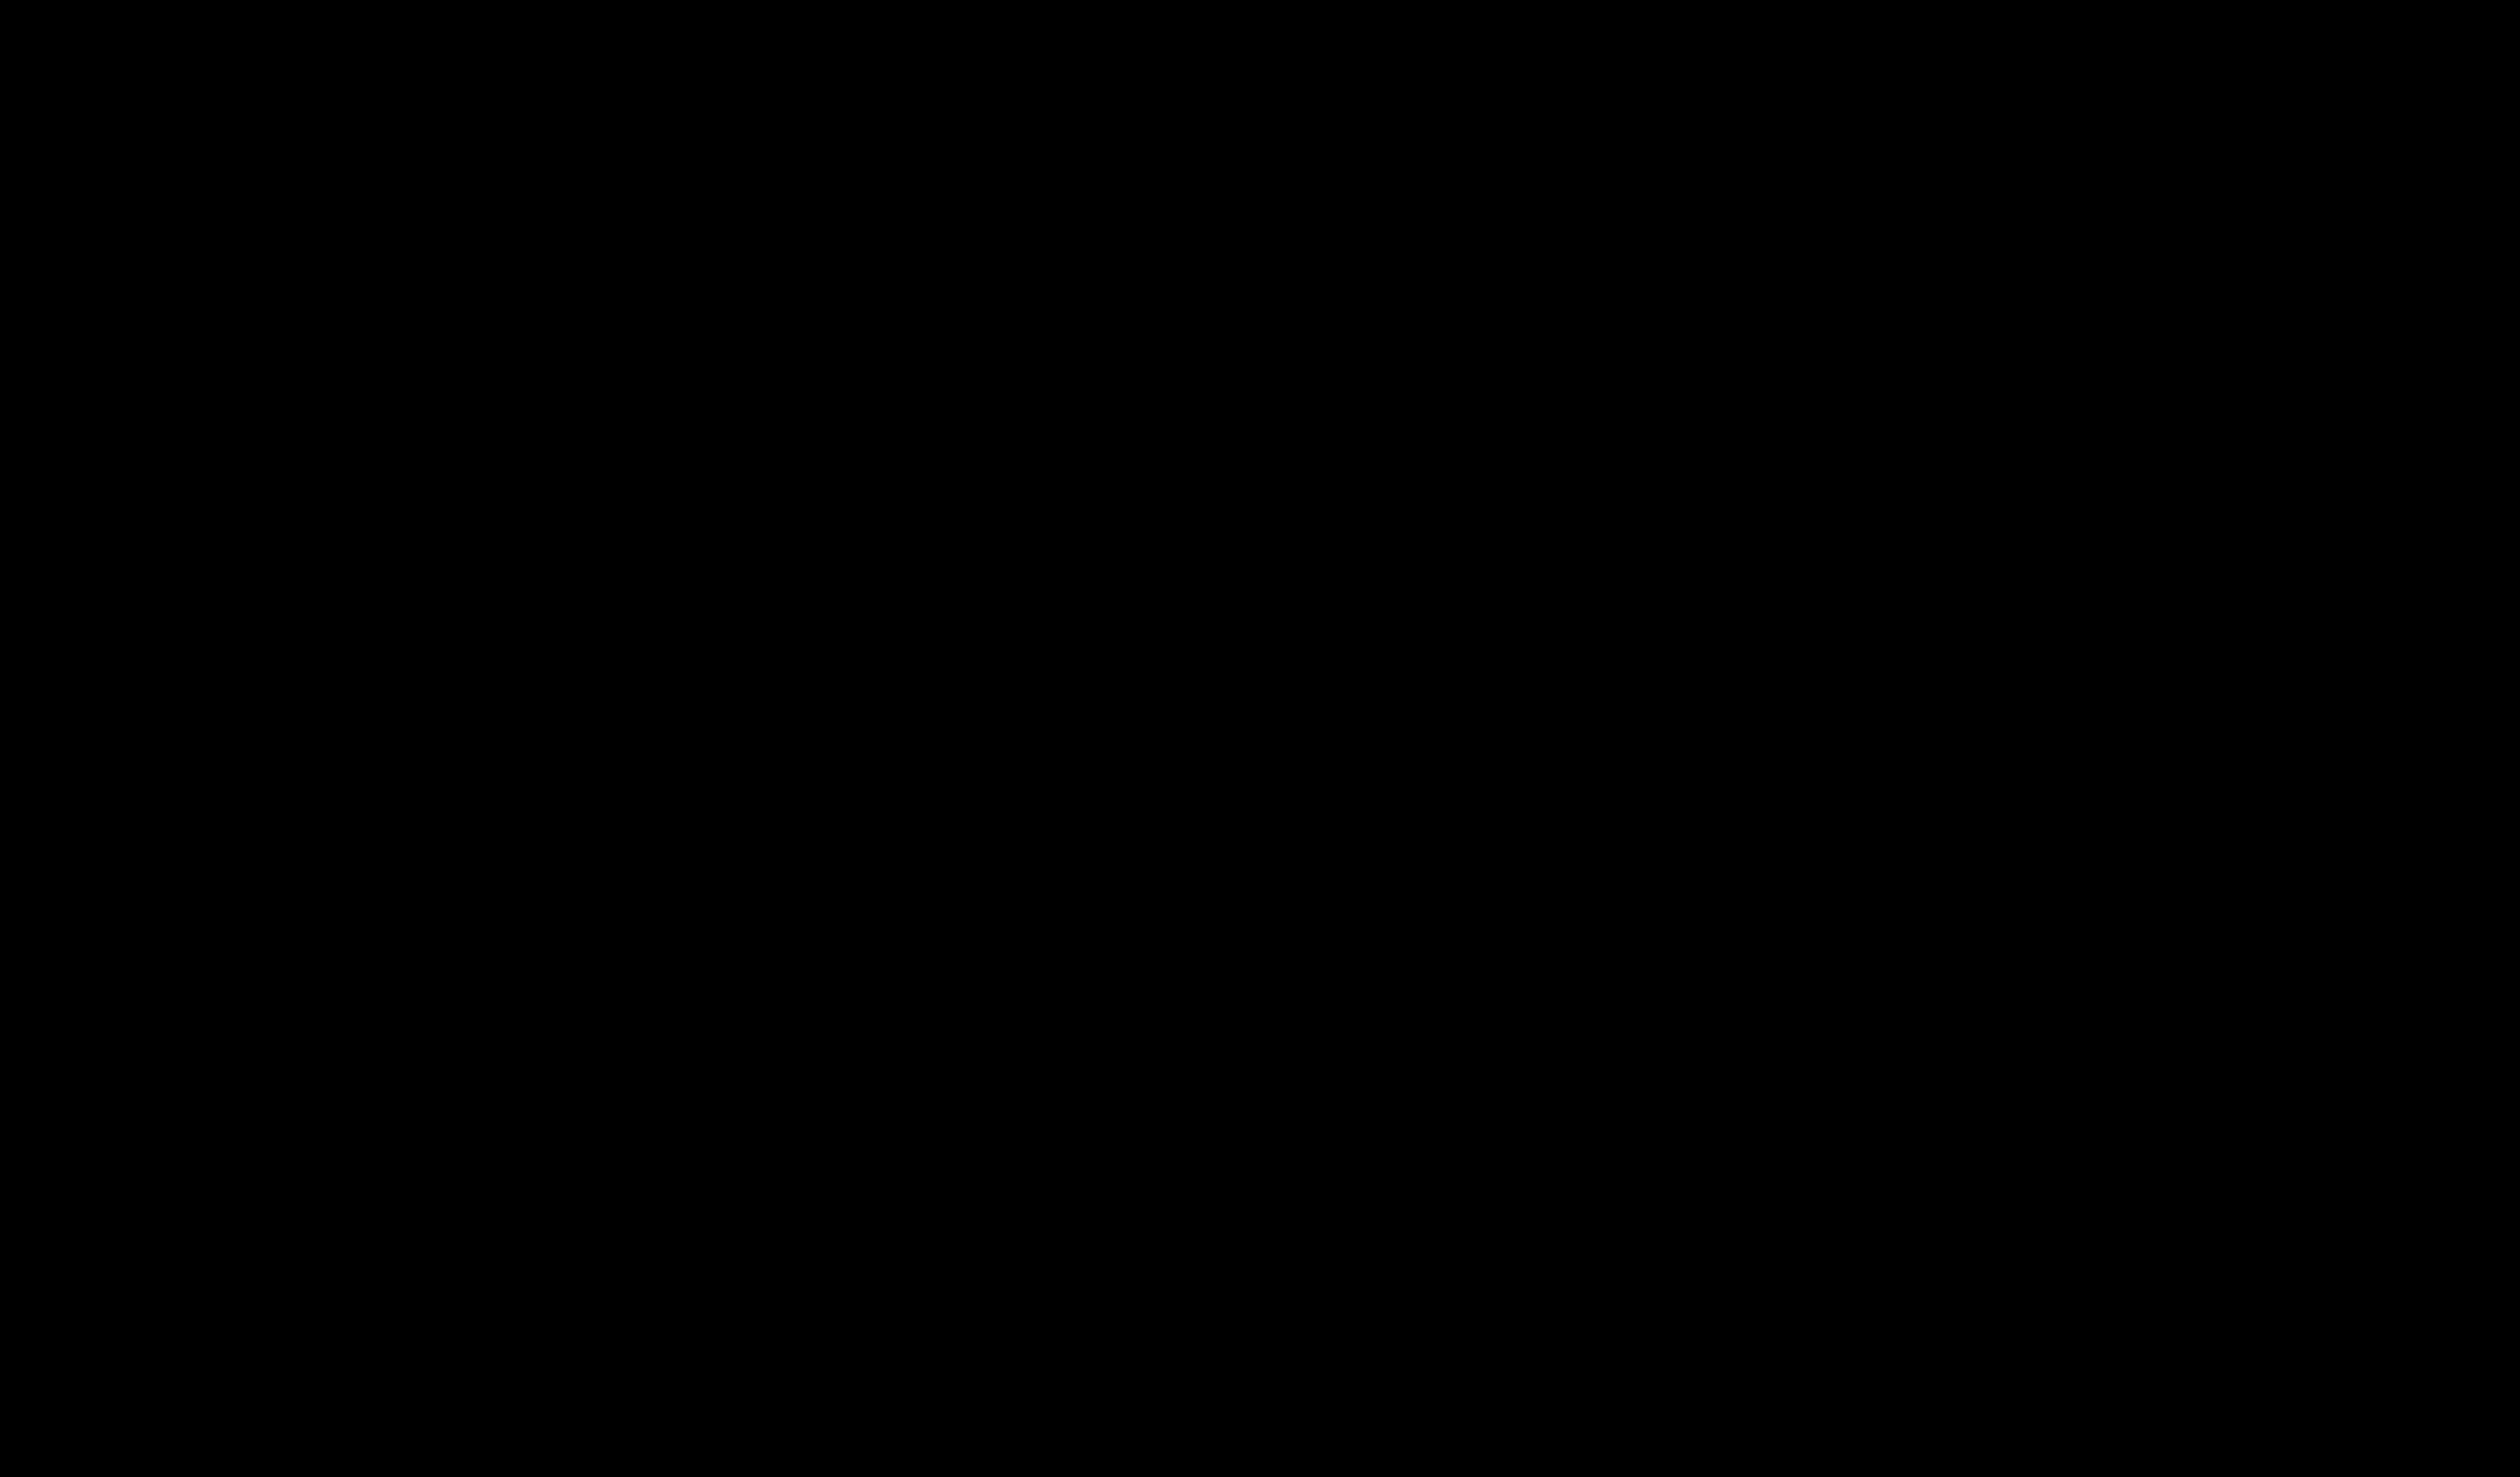 Hästhuvud och en människohand